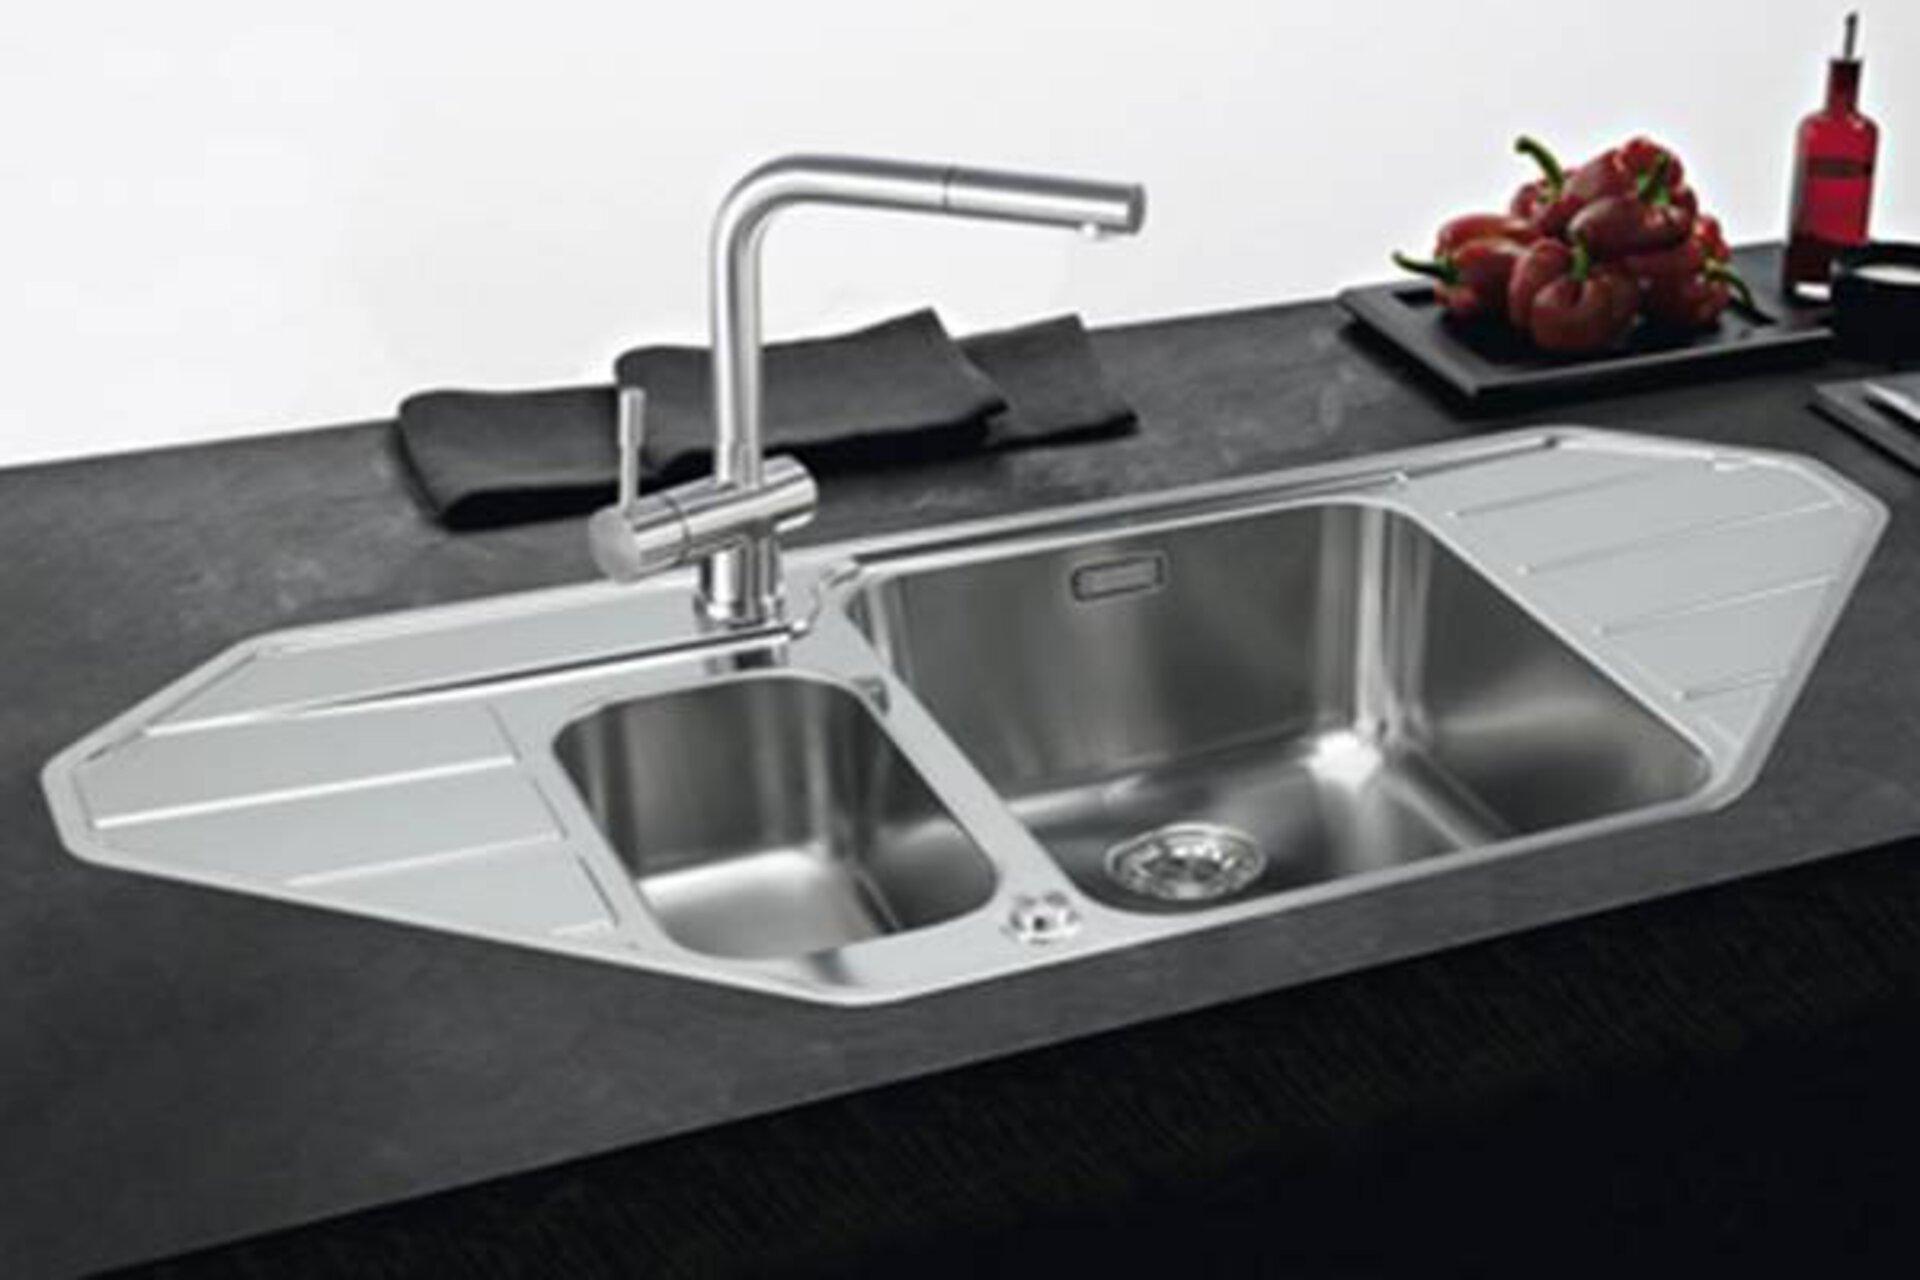 Edelstahlspüle mit großem quadratischem Becken und kleinem rechteckigen Spülbecken. Links und rechts der Becken ist eine Abtropffläche eingearbeitet. Das Bild dient als Kategoriebild für Küchenspülen